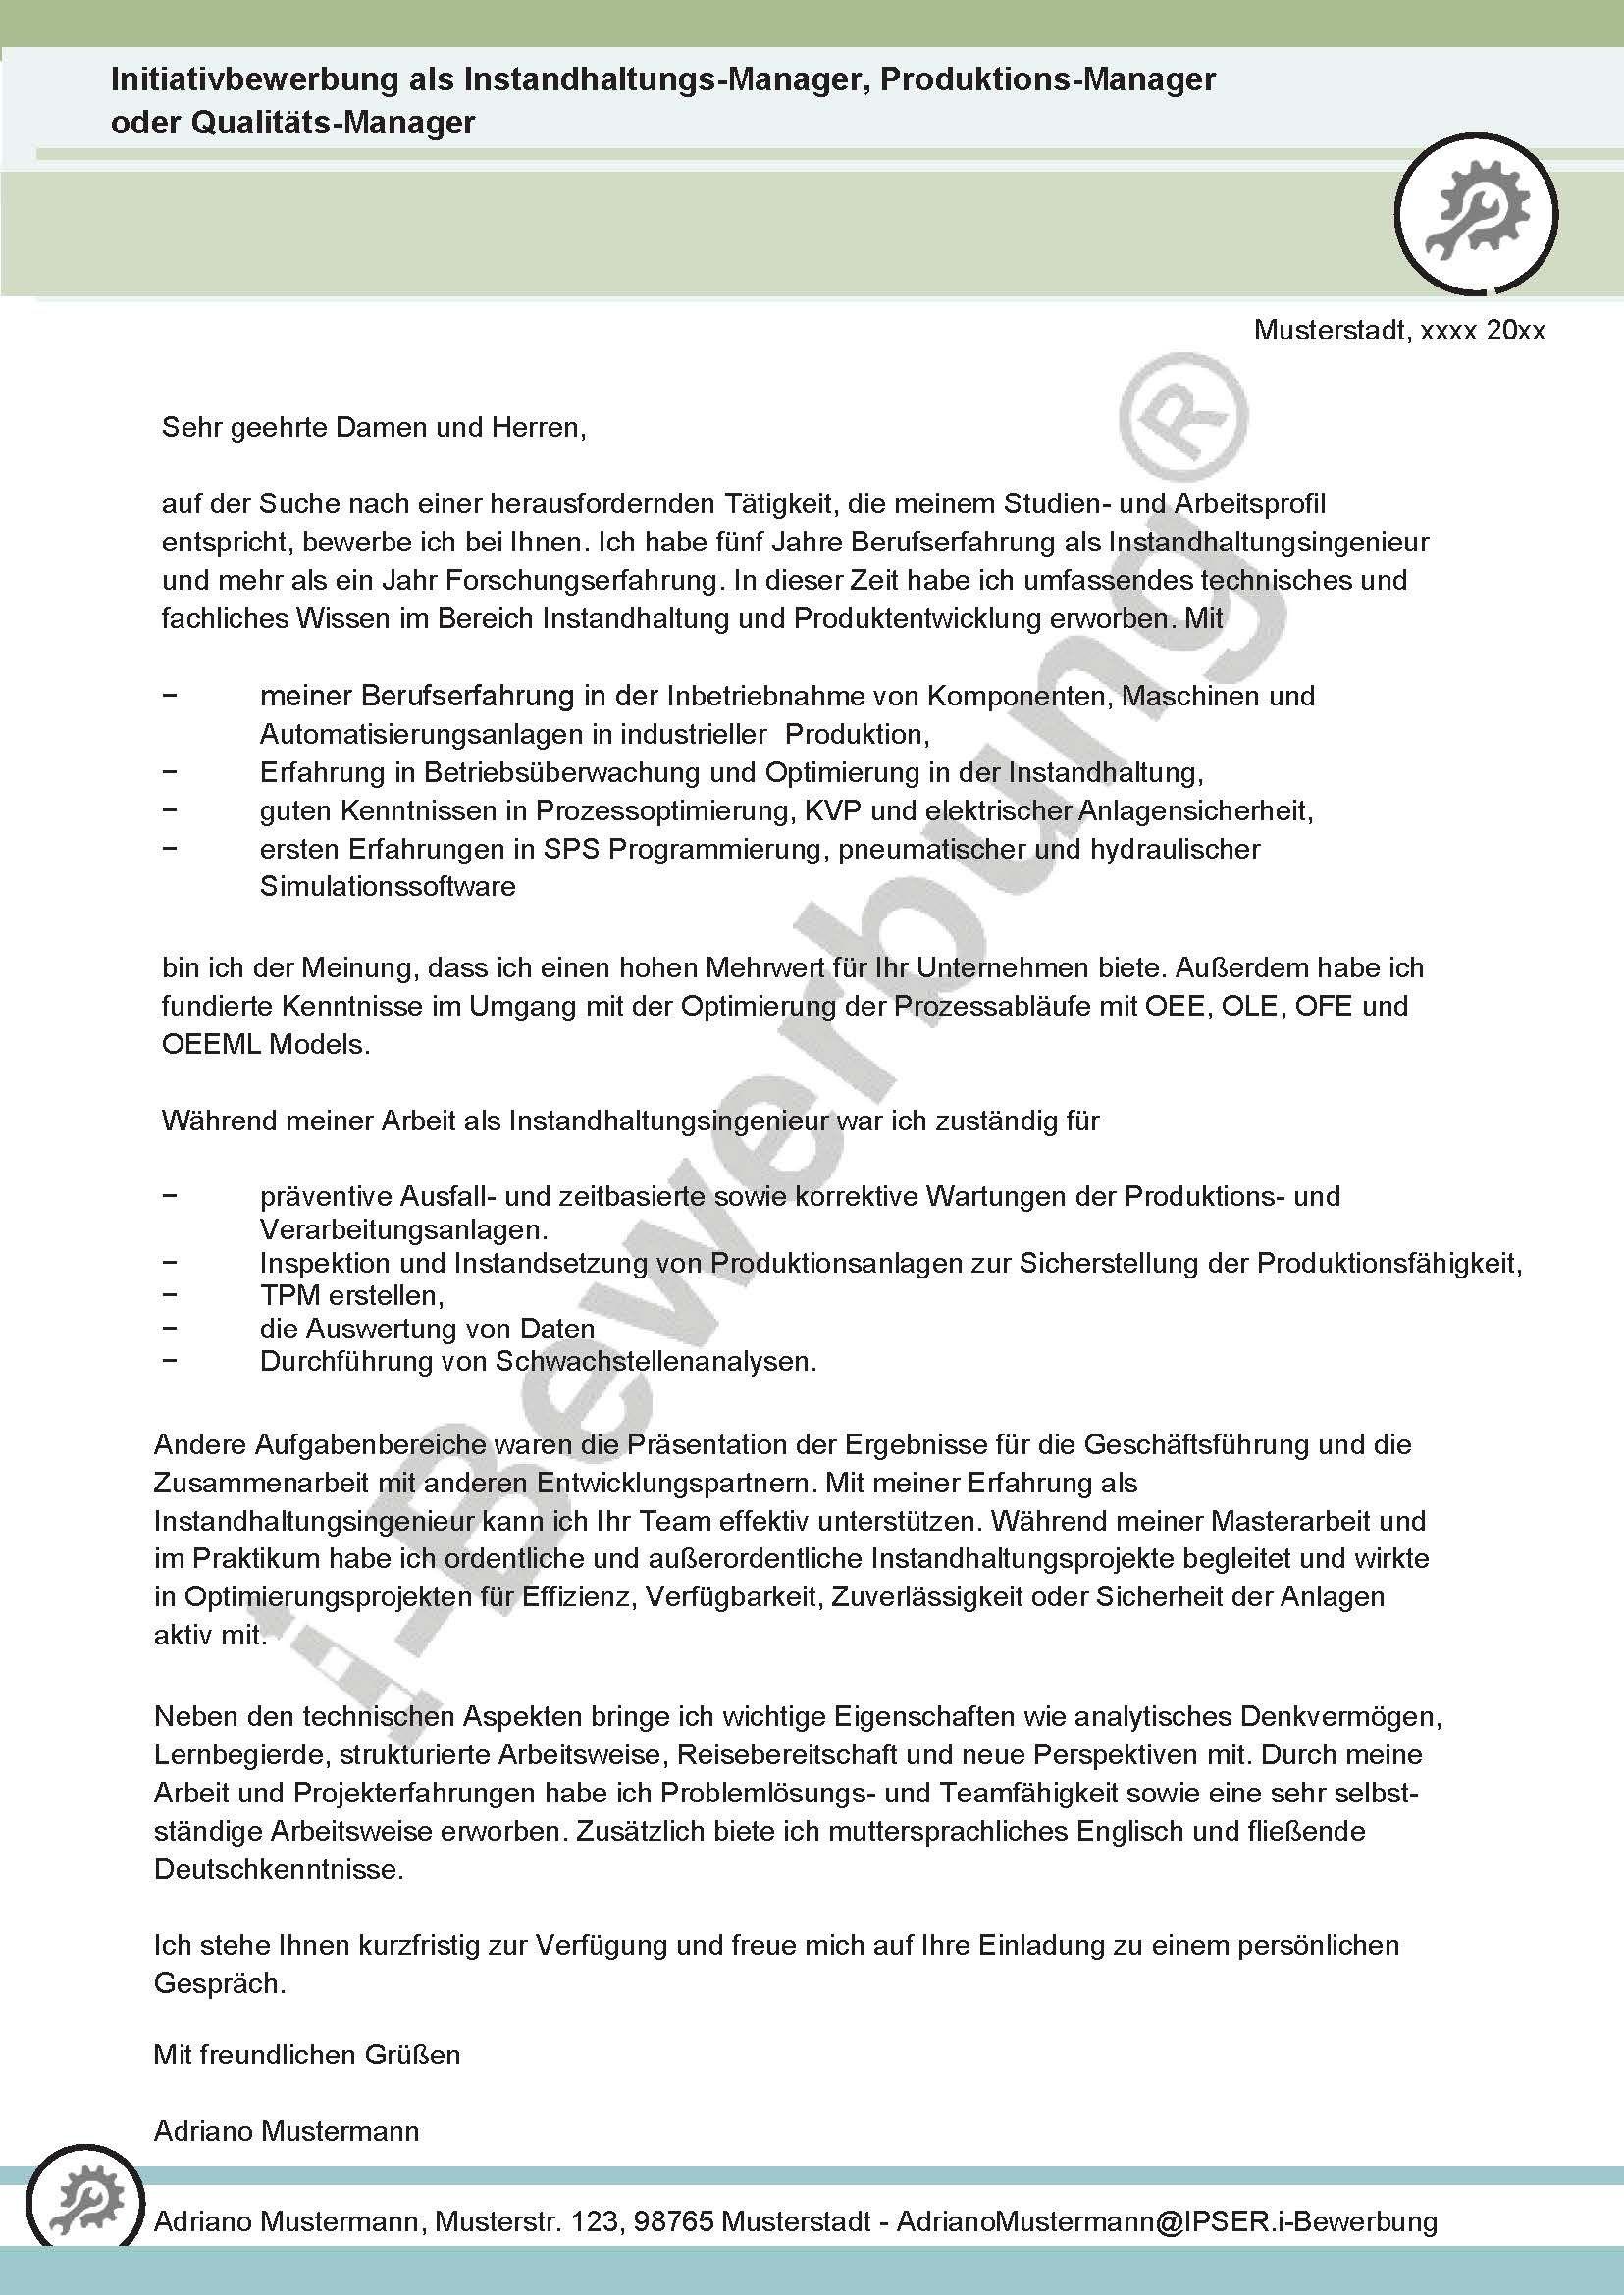 Initiativbewerbung Instandhaltungsmanager Anschreiben Adriano 631 In 2020 Bewerbung Schreiben Bewerbung Anschreiben Anschreiben